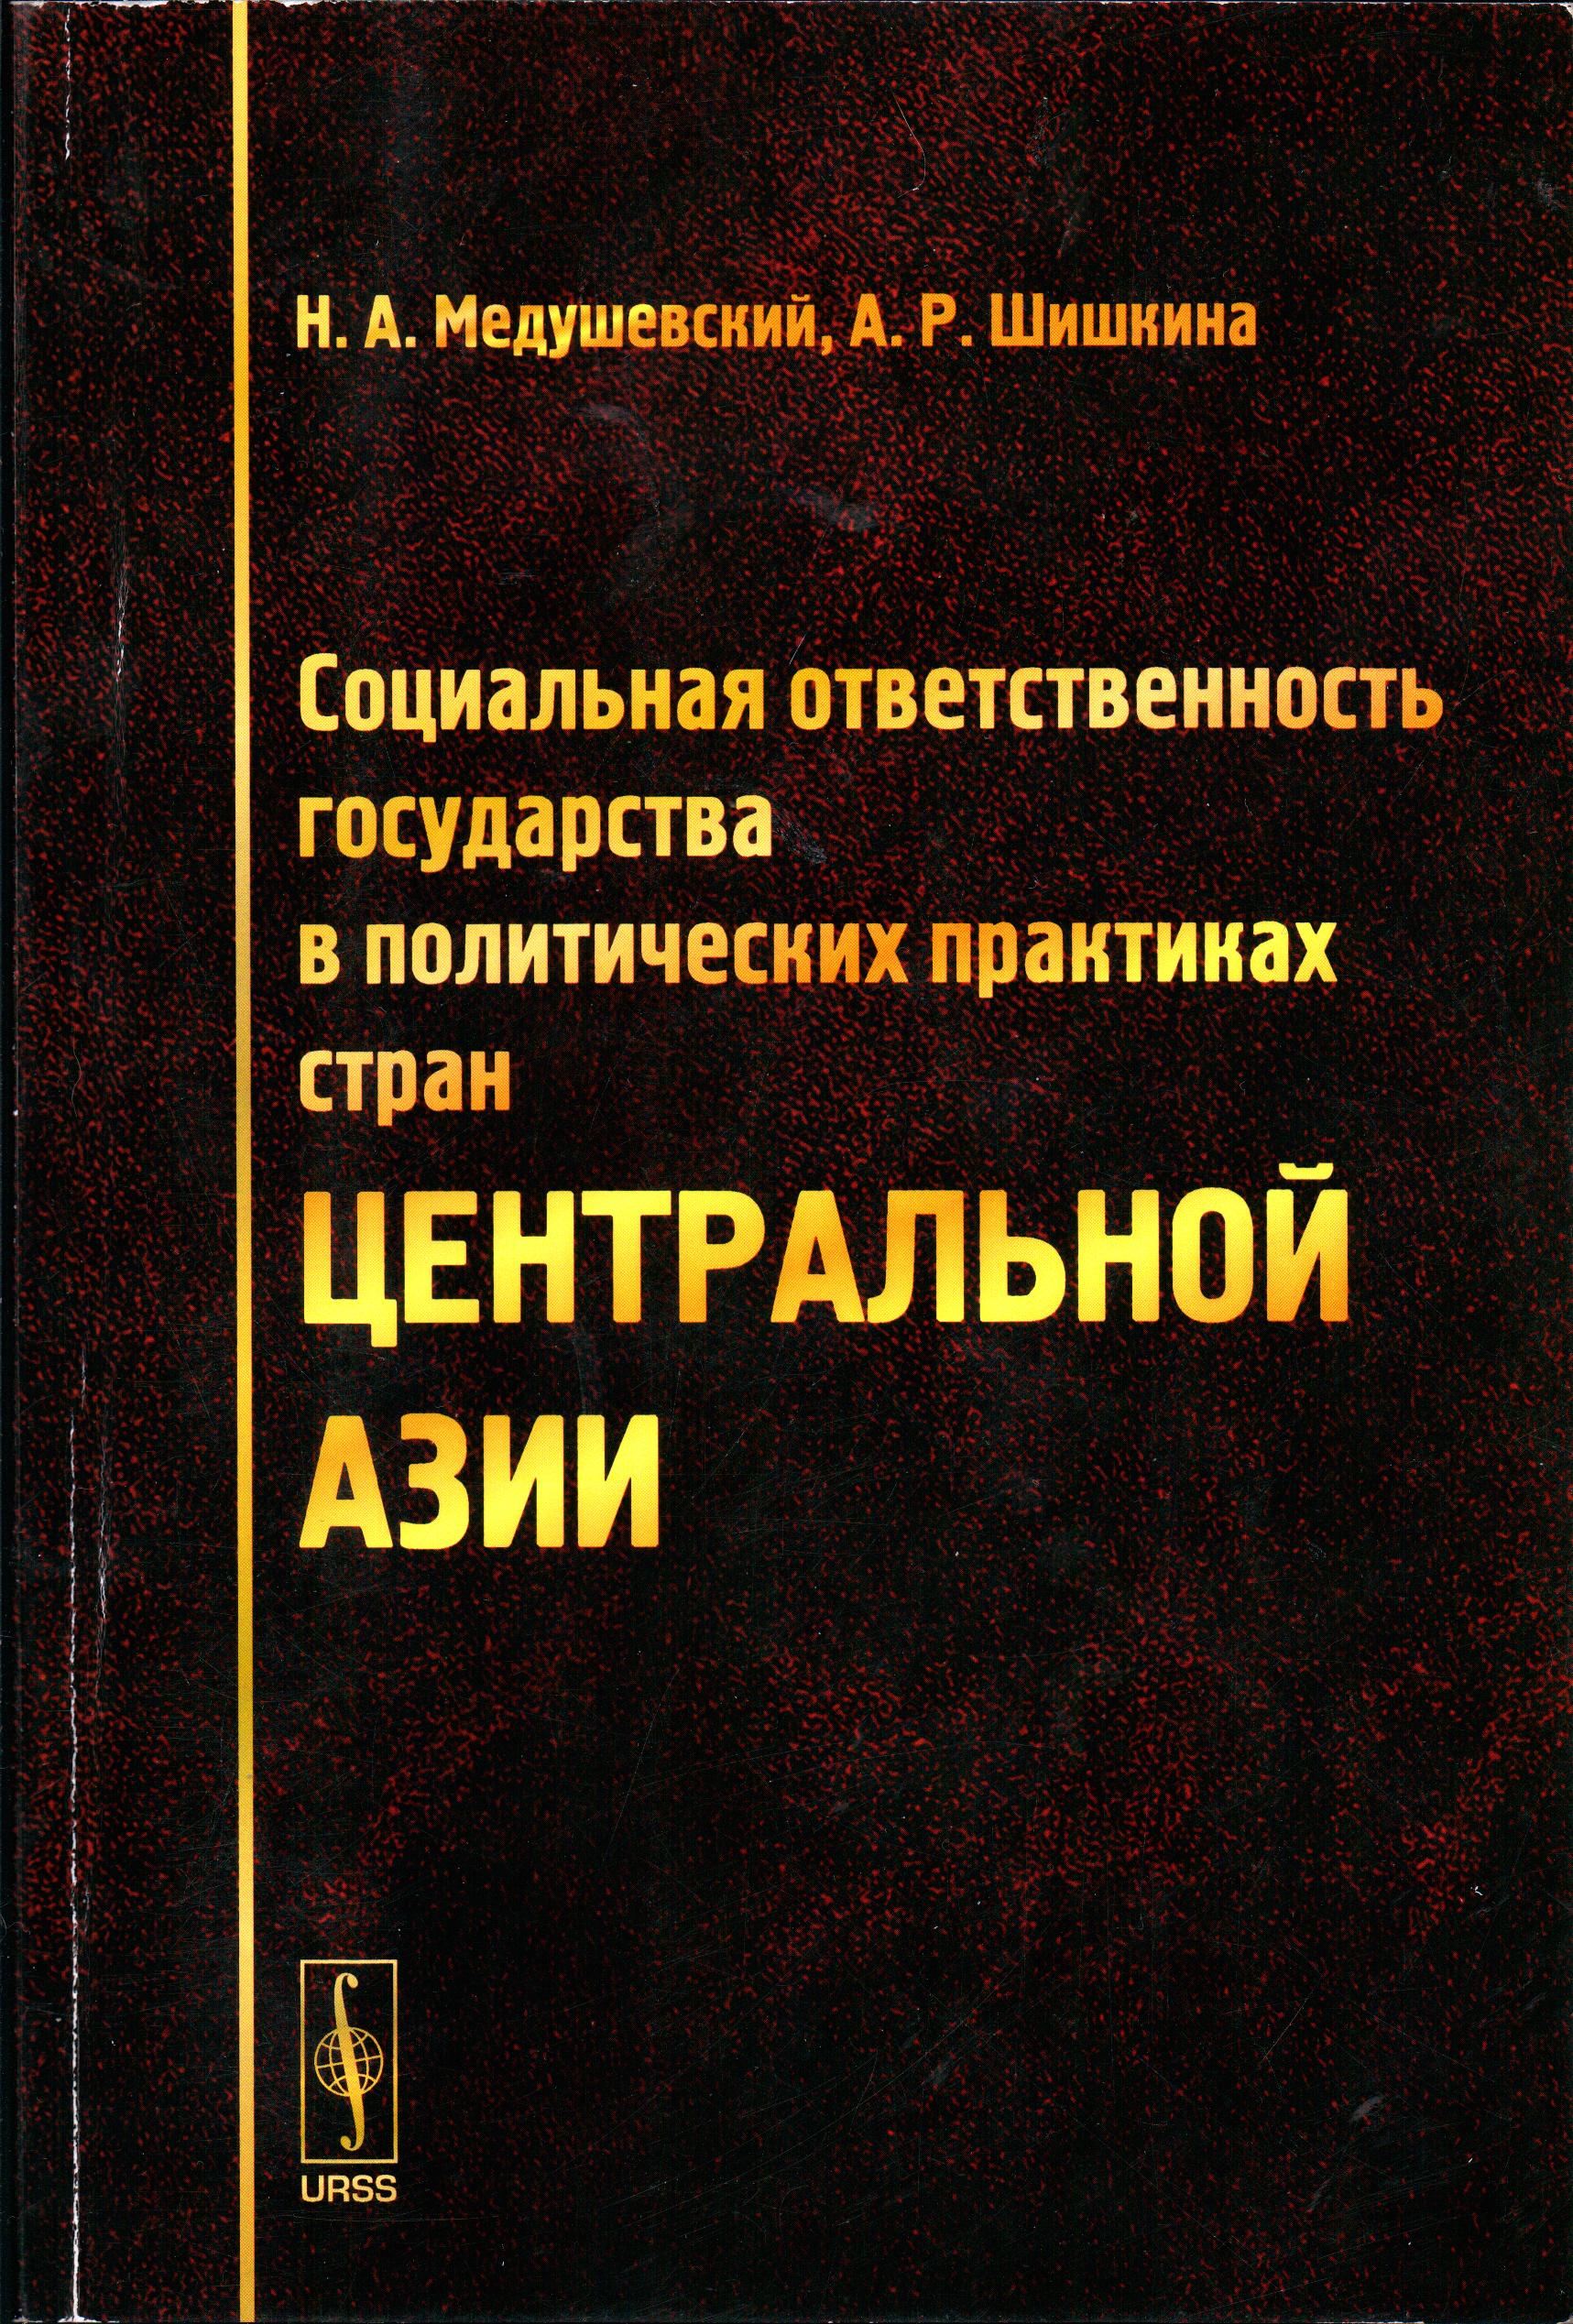 Социальная ответственность государства в политических практиках государств Центральной Азии